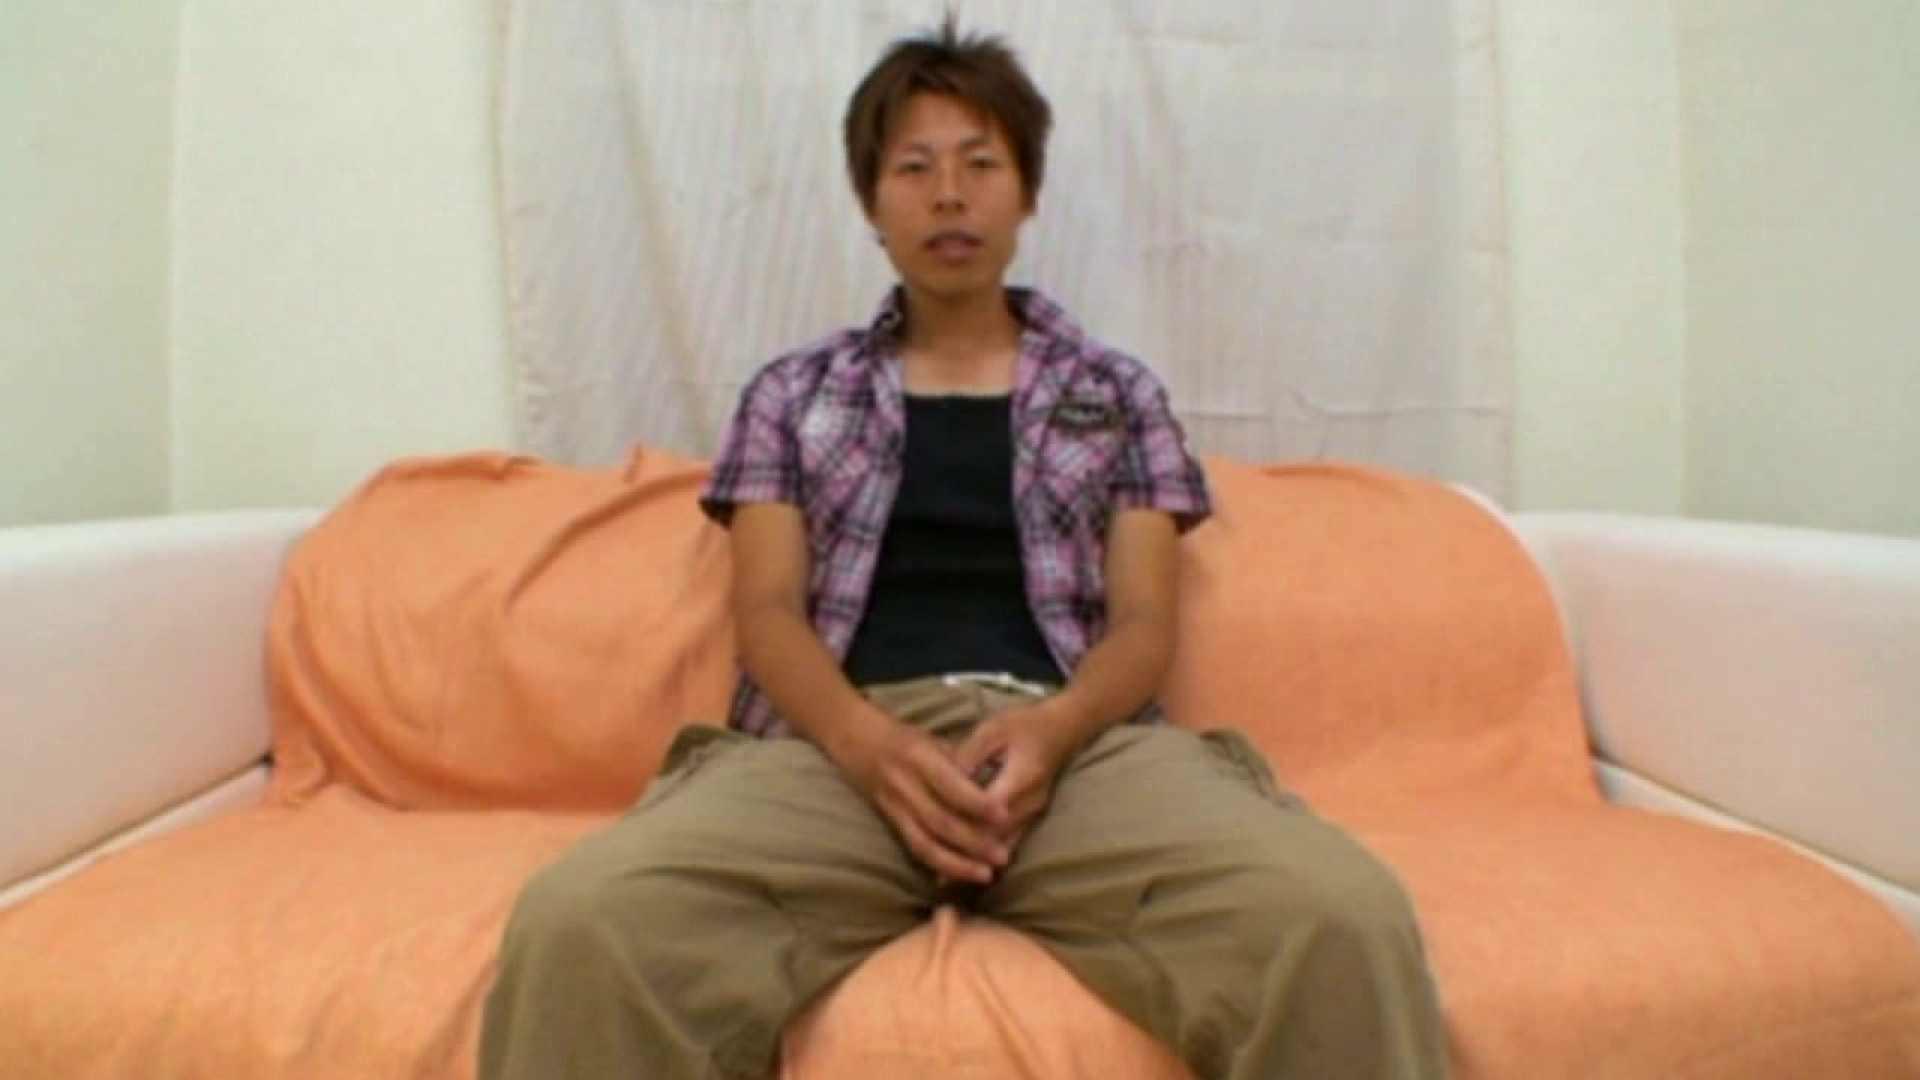 ノンケ!自慰スタジオ No.10 ノンケ天国 ゲイアダルト画像 83pic 32